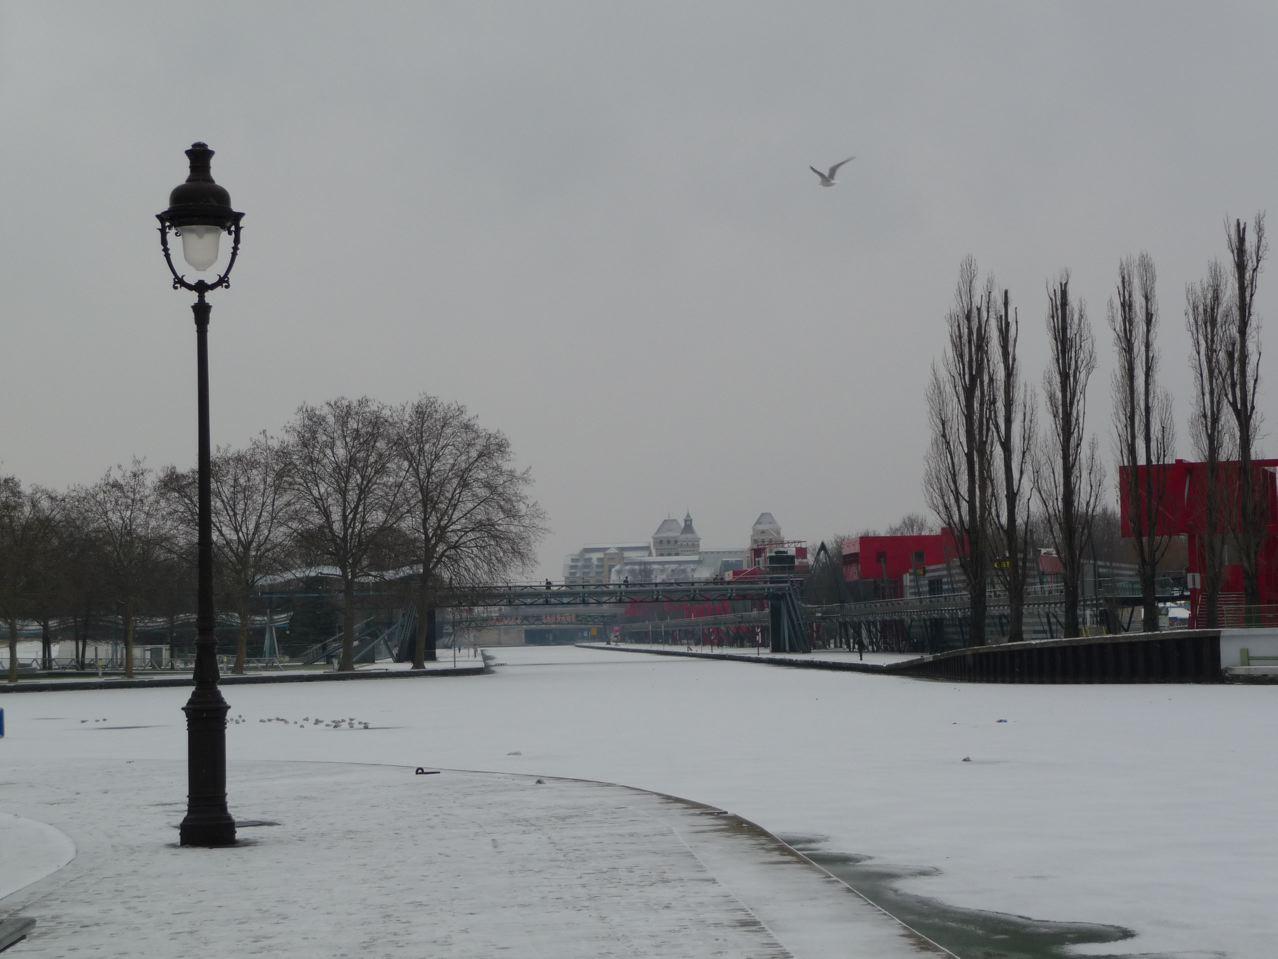 Paris en hiver, sous la neige et la glace